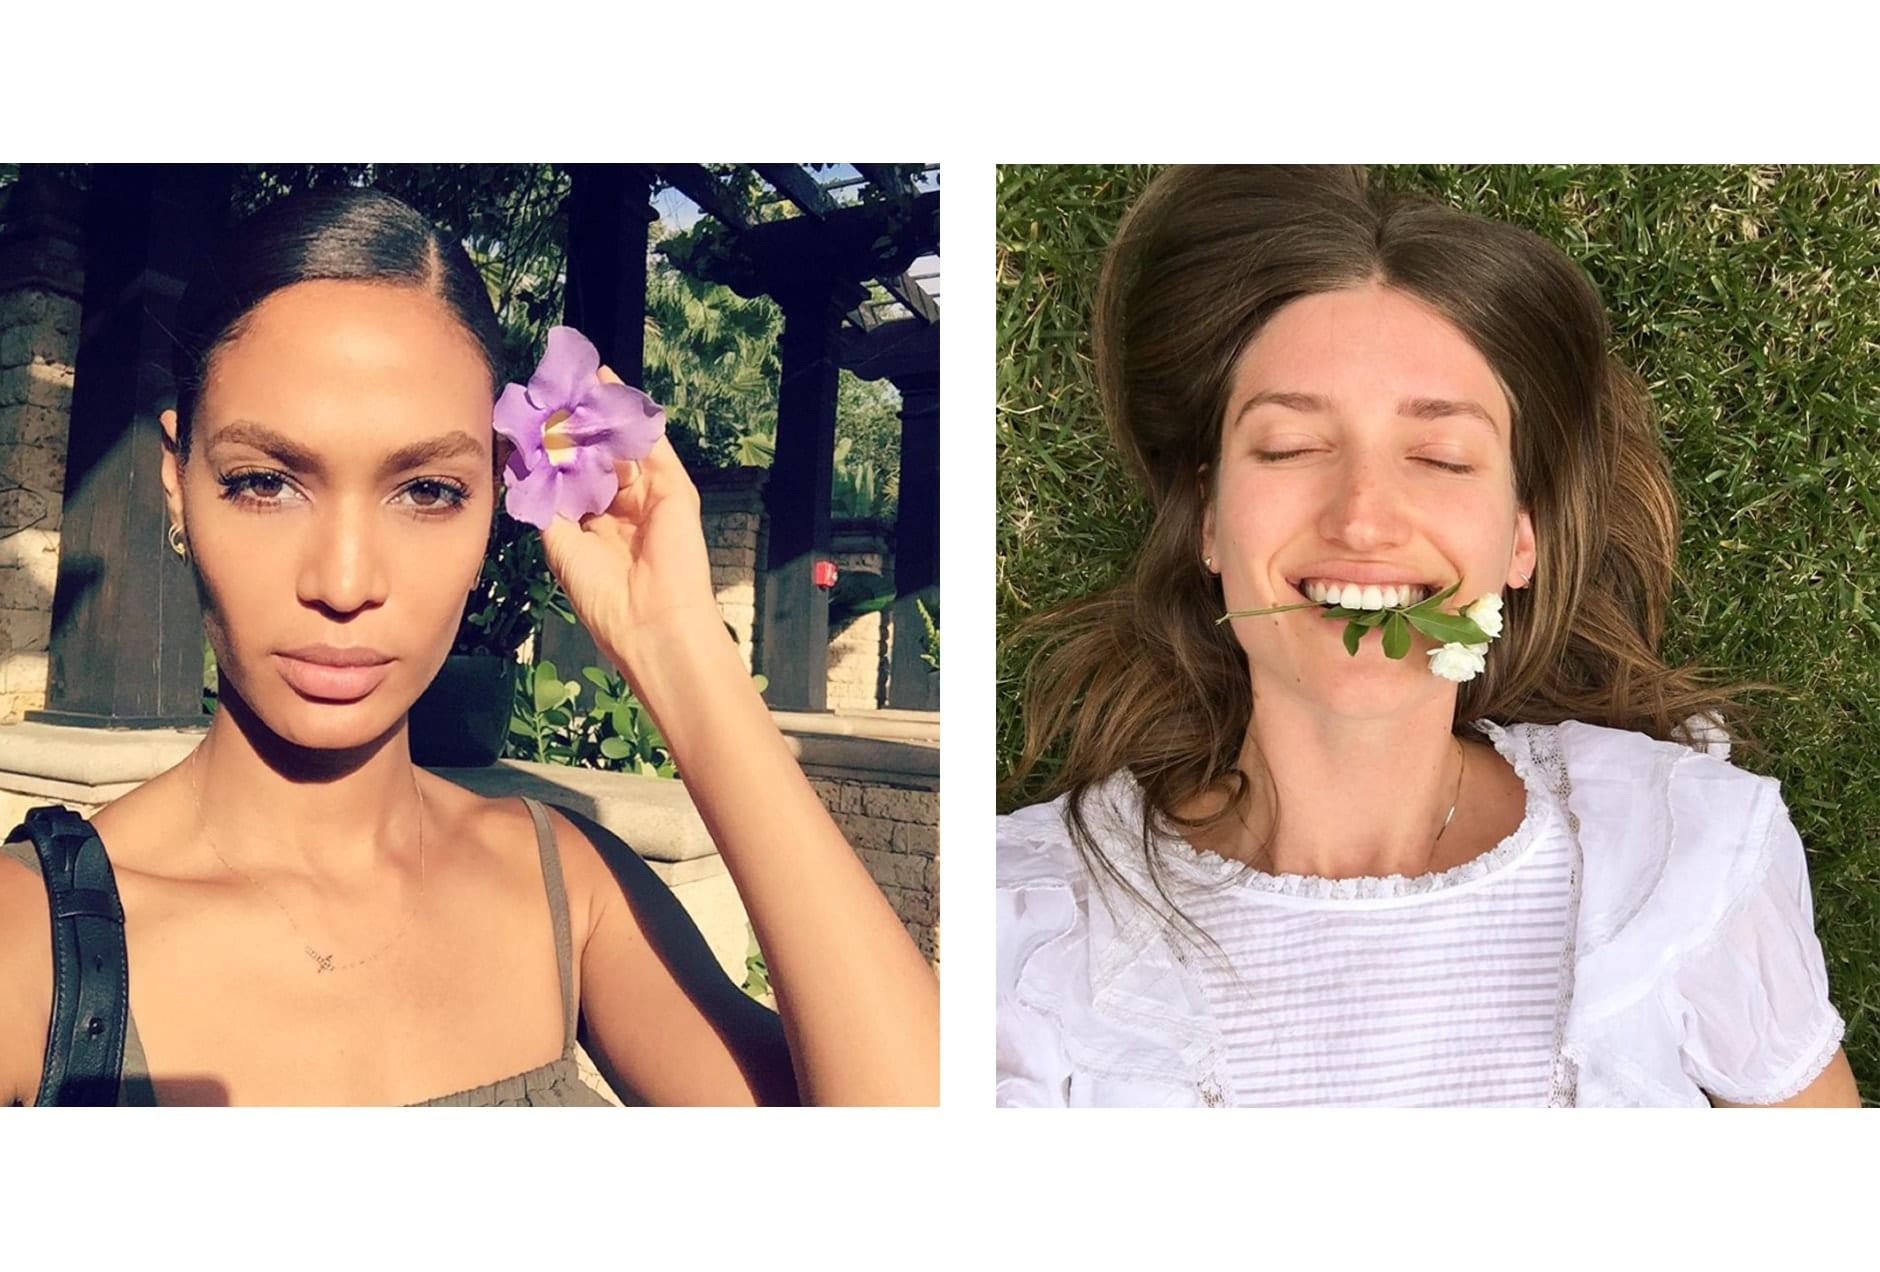 FLOWERS_joansmalls_kissser-min